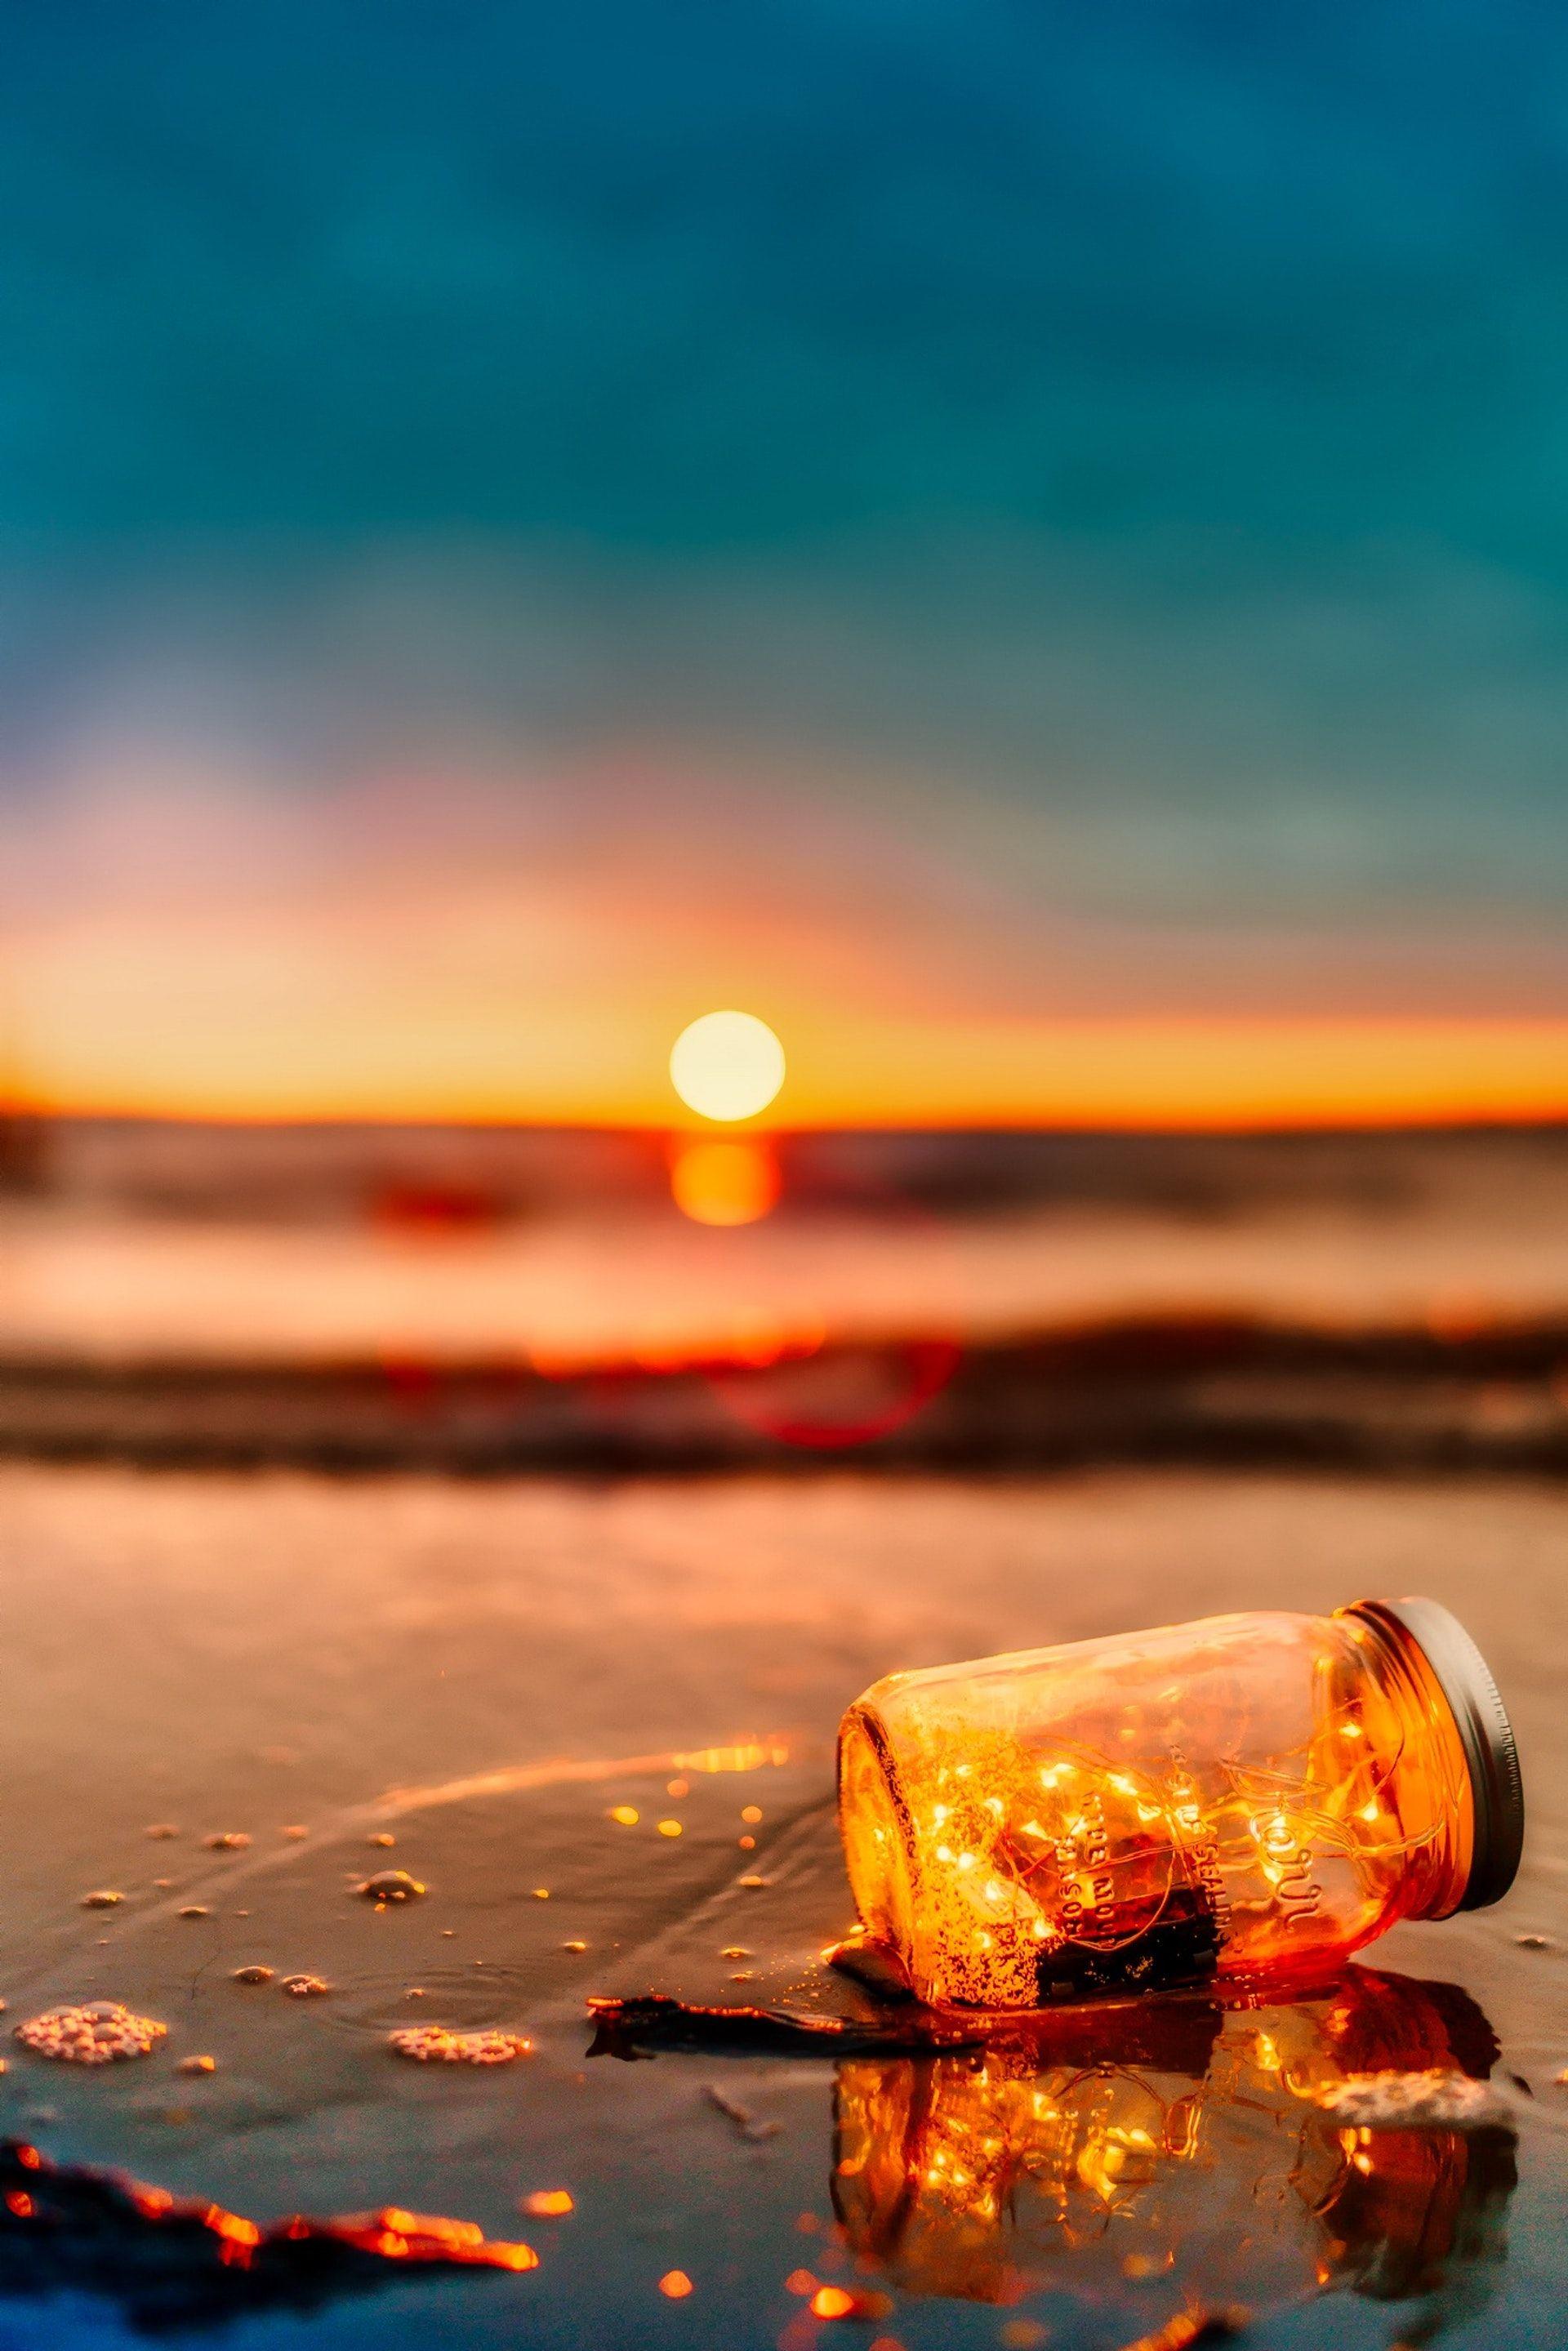 عکس زمینه زیبا غروب ساحل پس زمینه